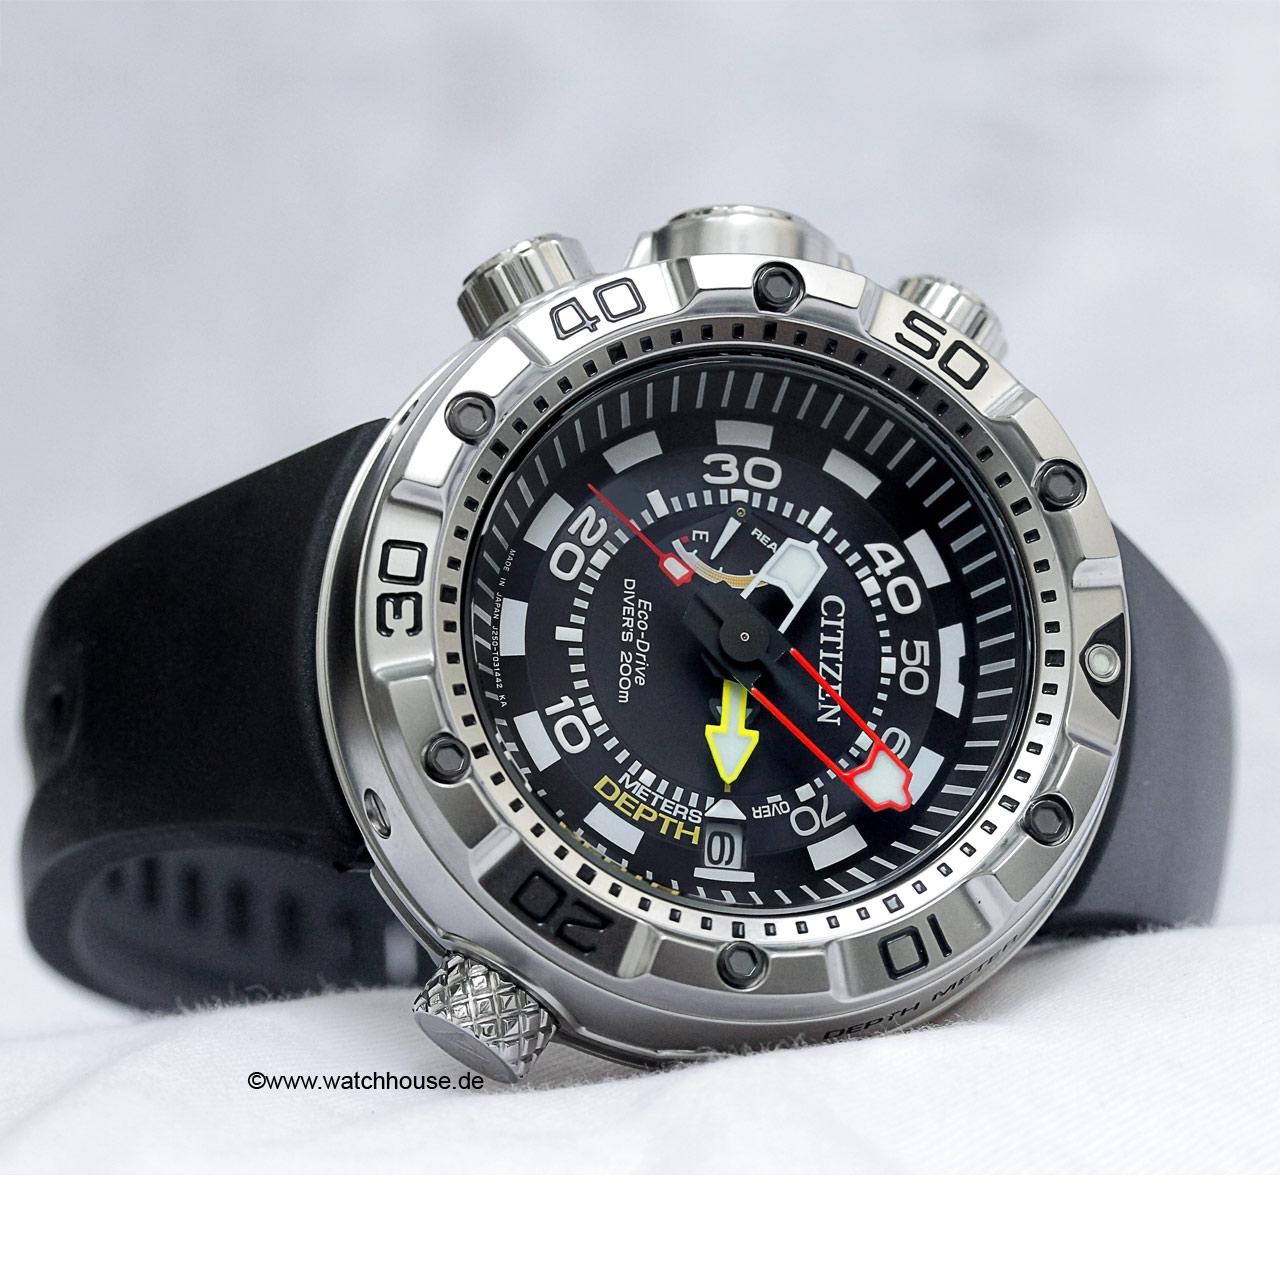 Citizen Promaster Marine BN2021-03E Taucher Sportuhr